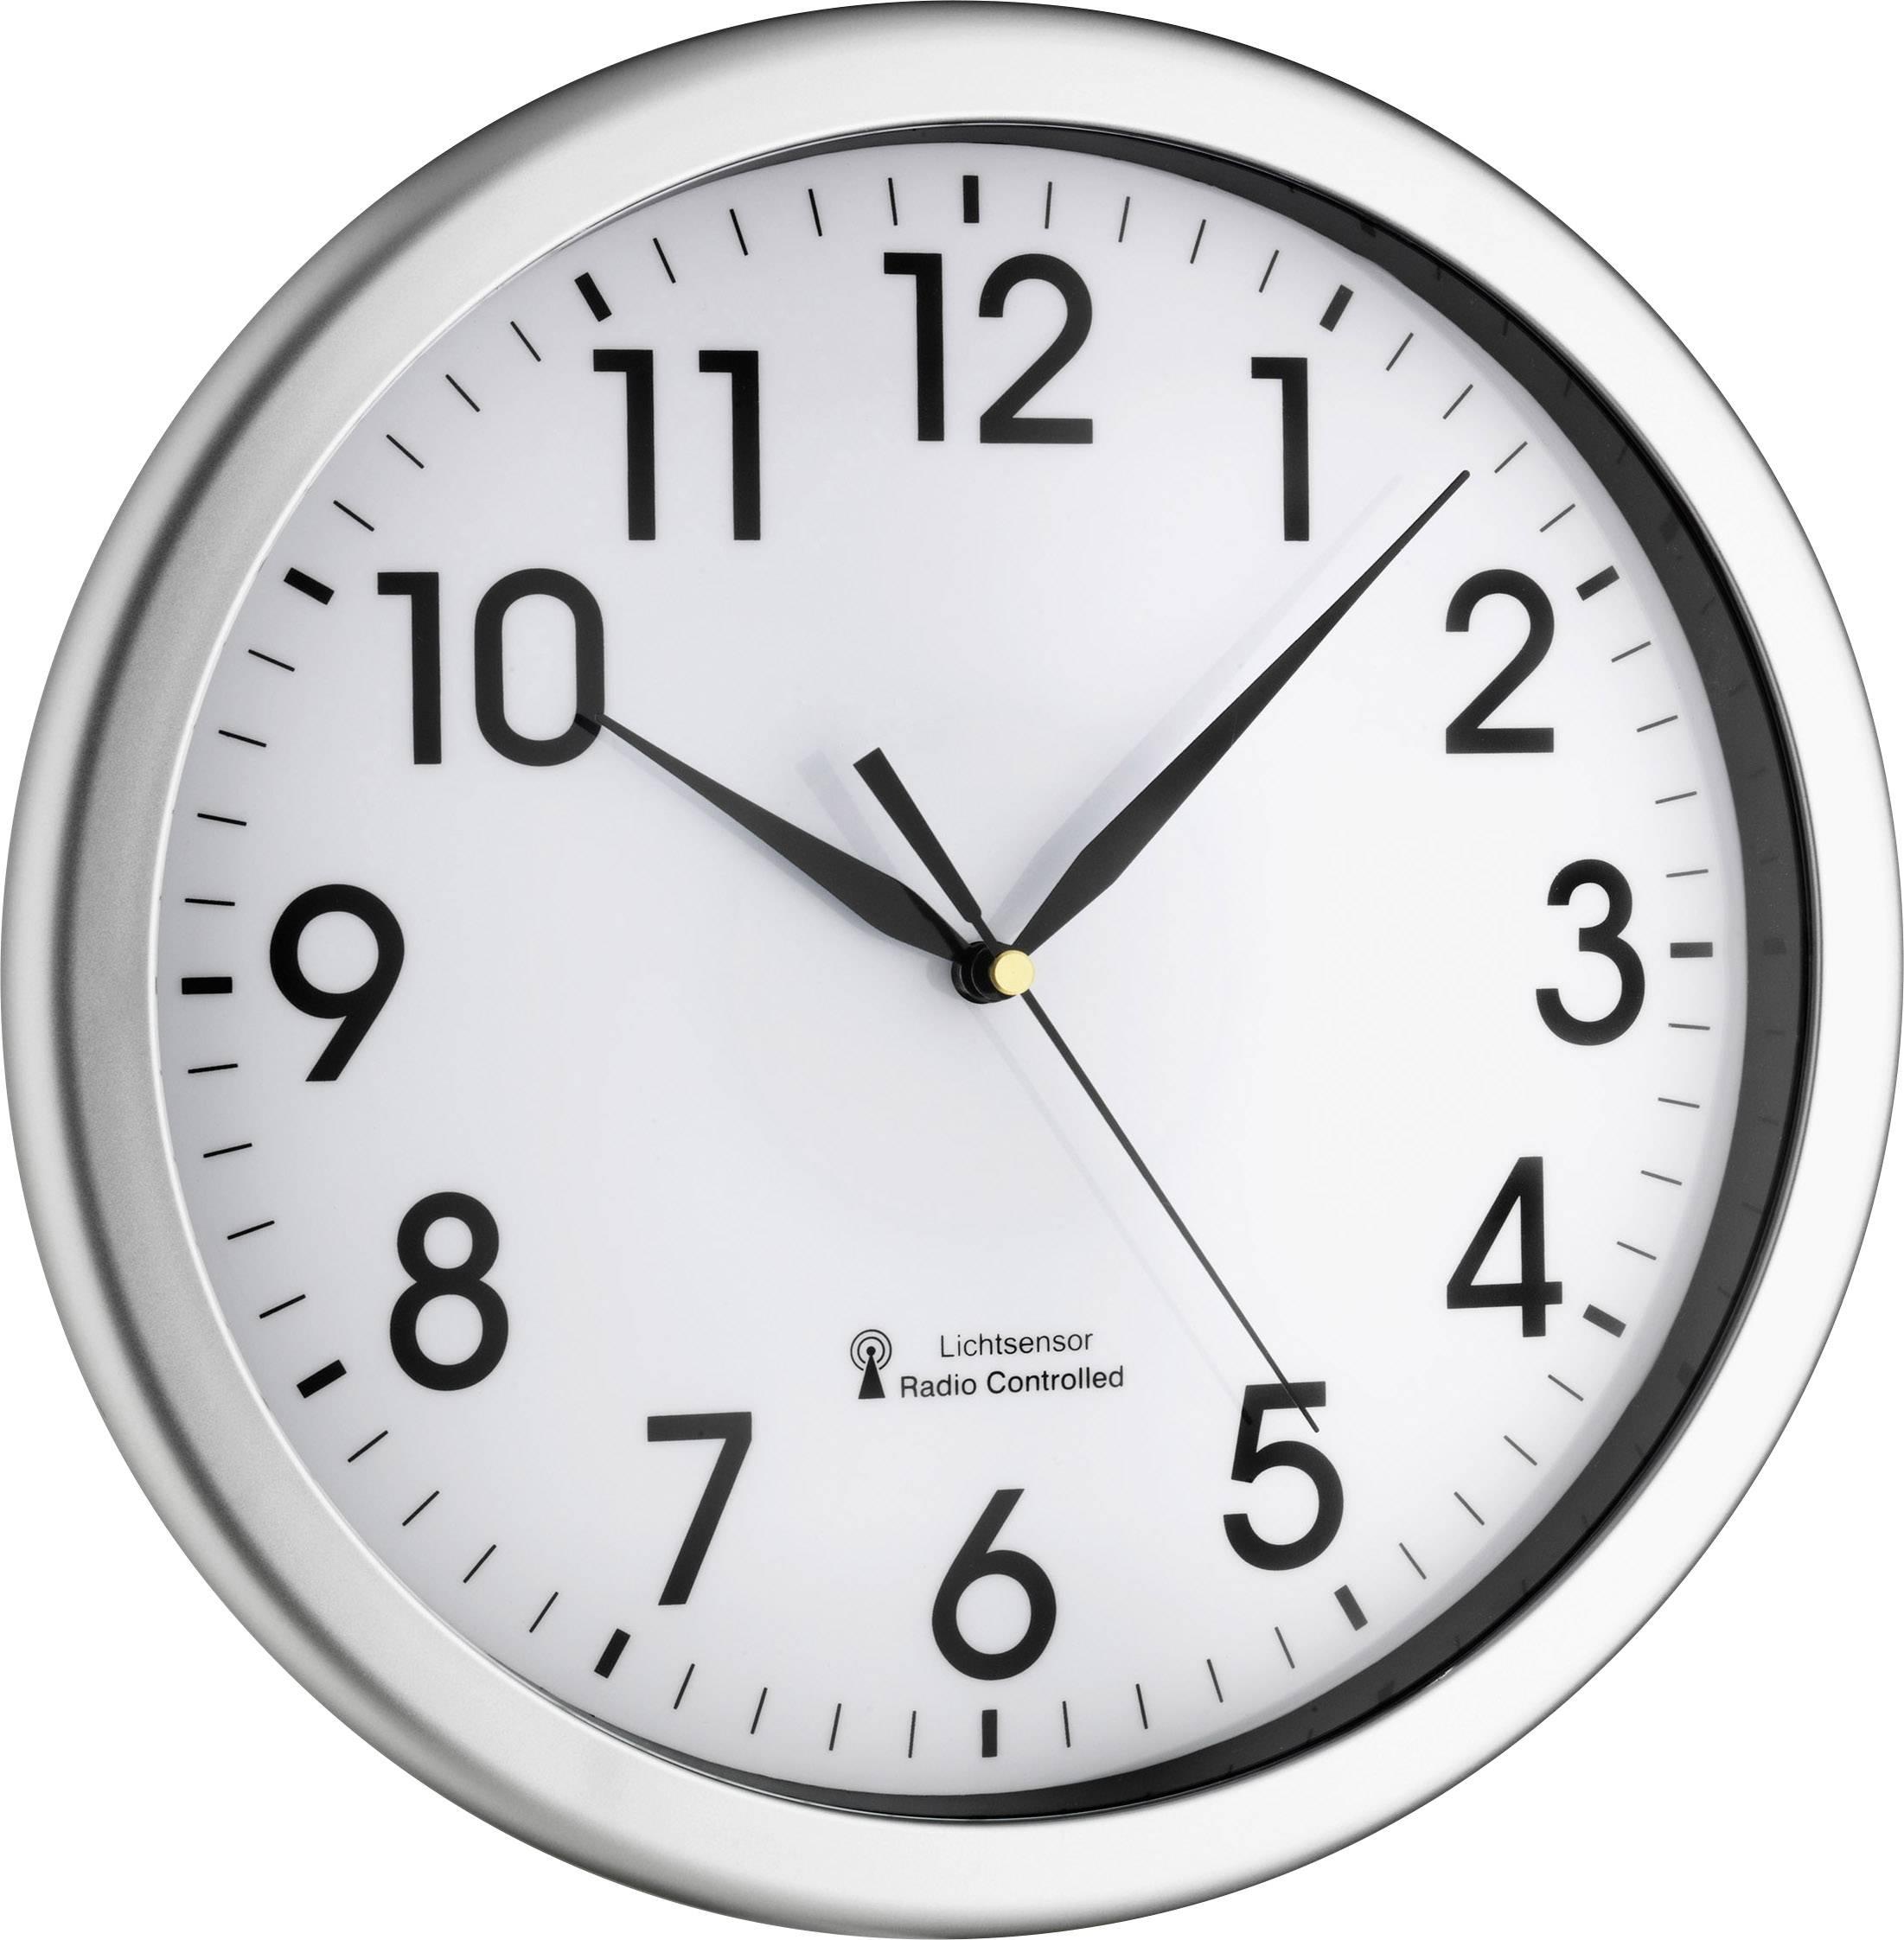 Zegar ścienny Analogowy Tfa 60351902 Sterowany Radiowo Srebrny øxg 308 Cmx43 Cm